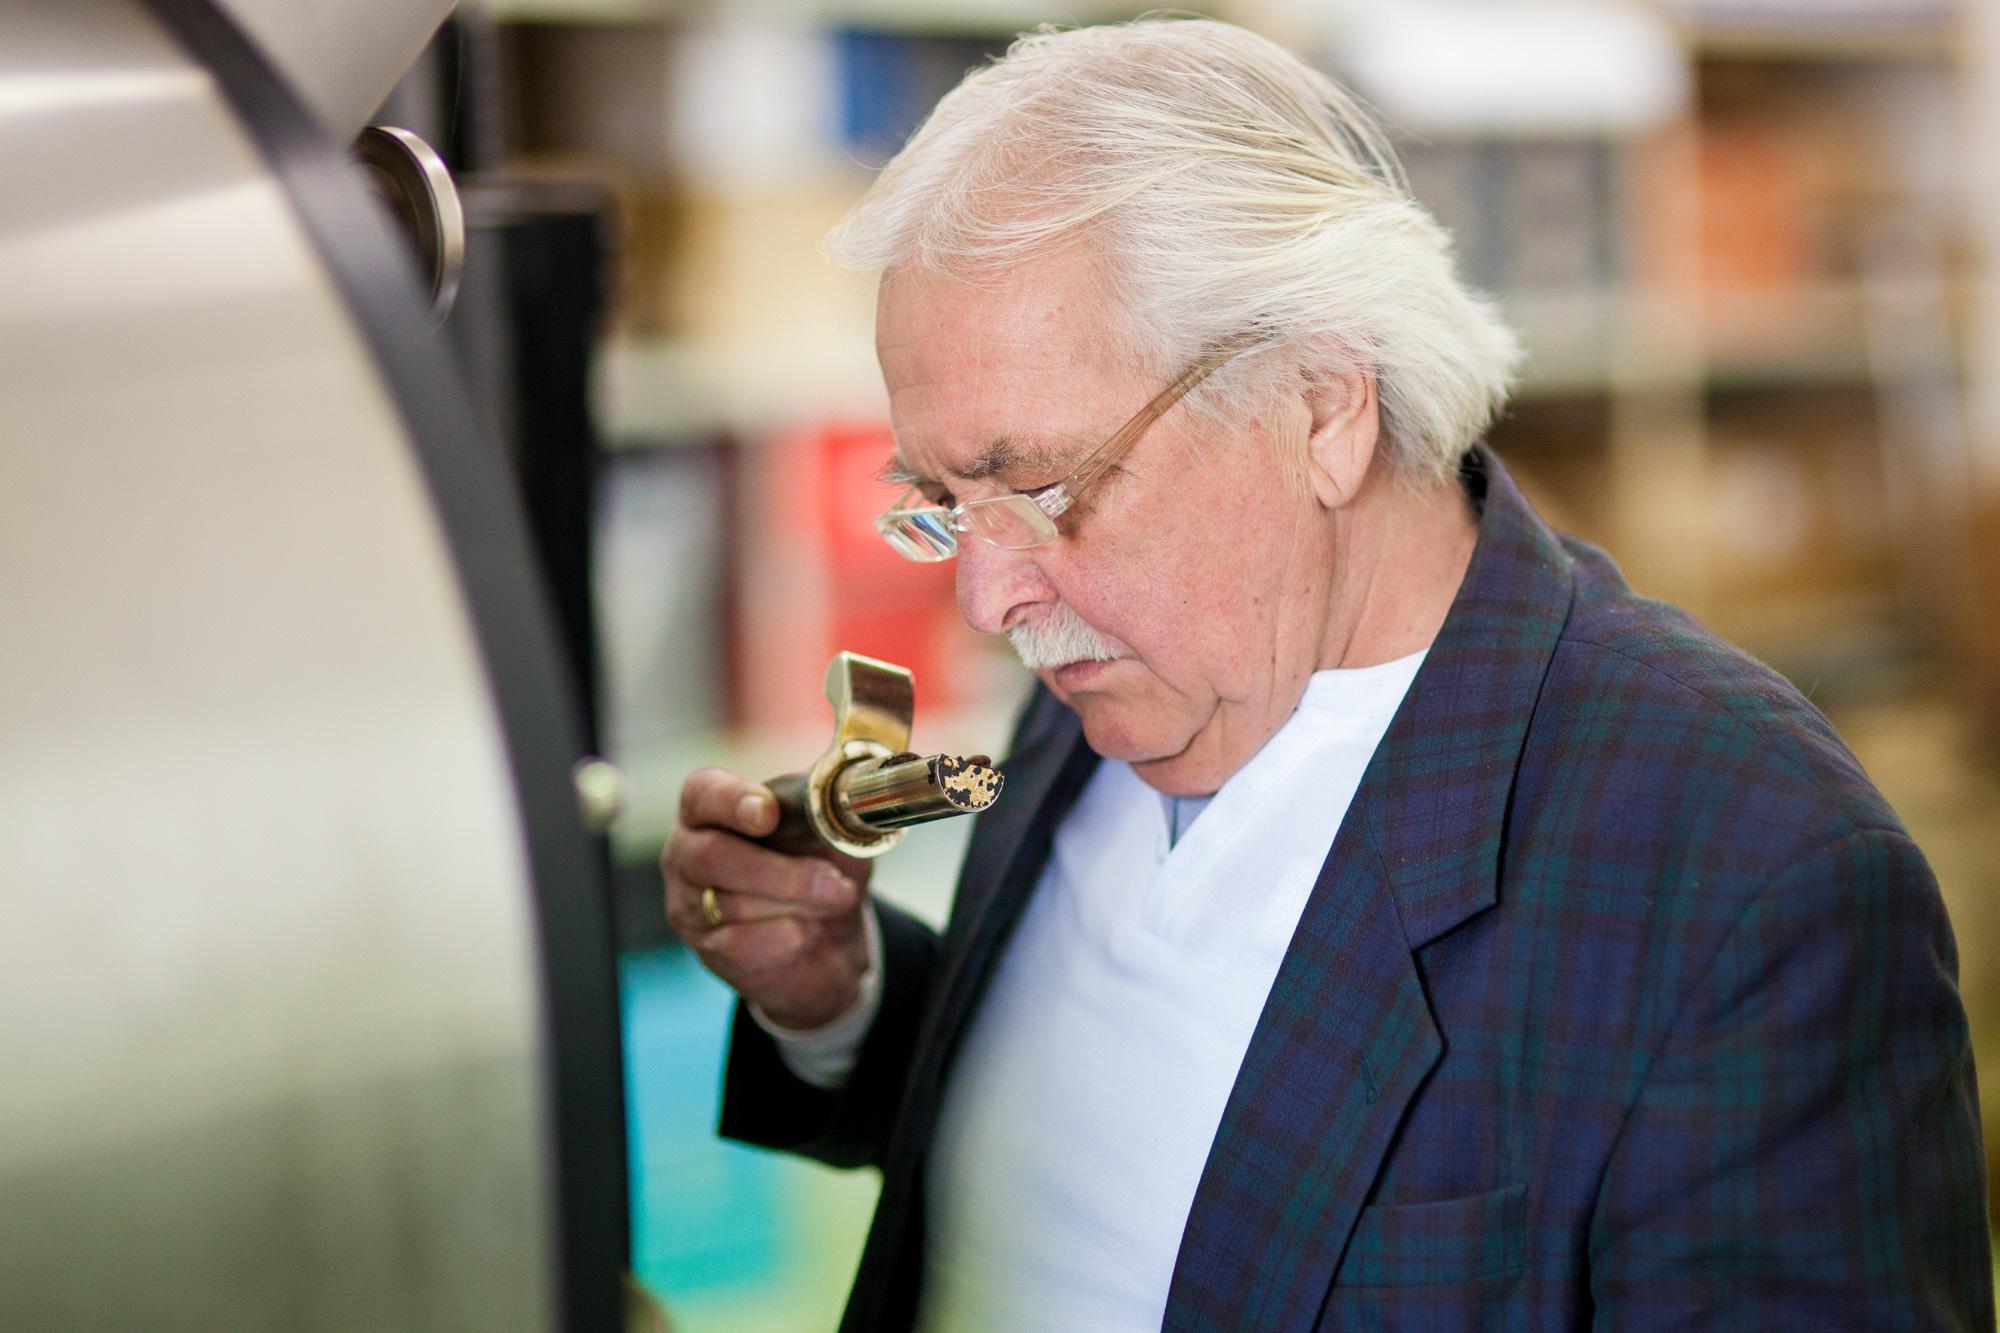 Röstmeister Franz Berger